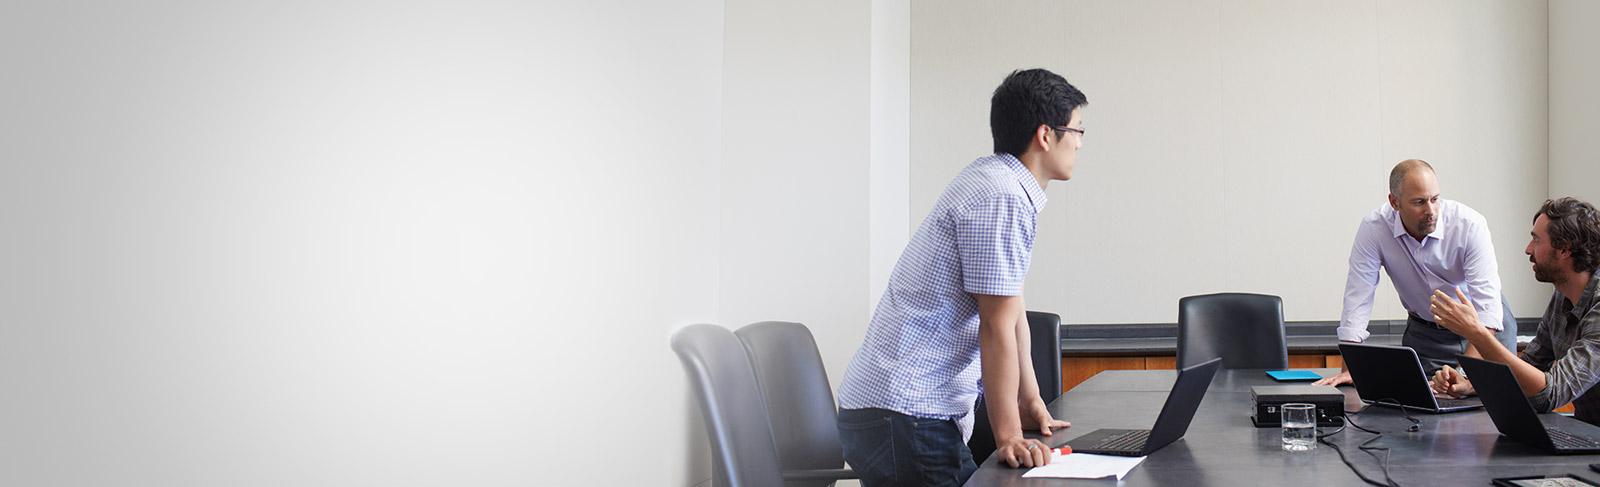 Trīs cilvēki ar klēpjdatoriem, tiekoties konferenču telpā, lieto Office365 EnterpriseE4.